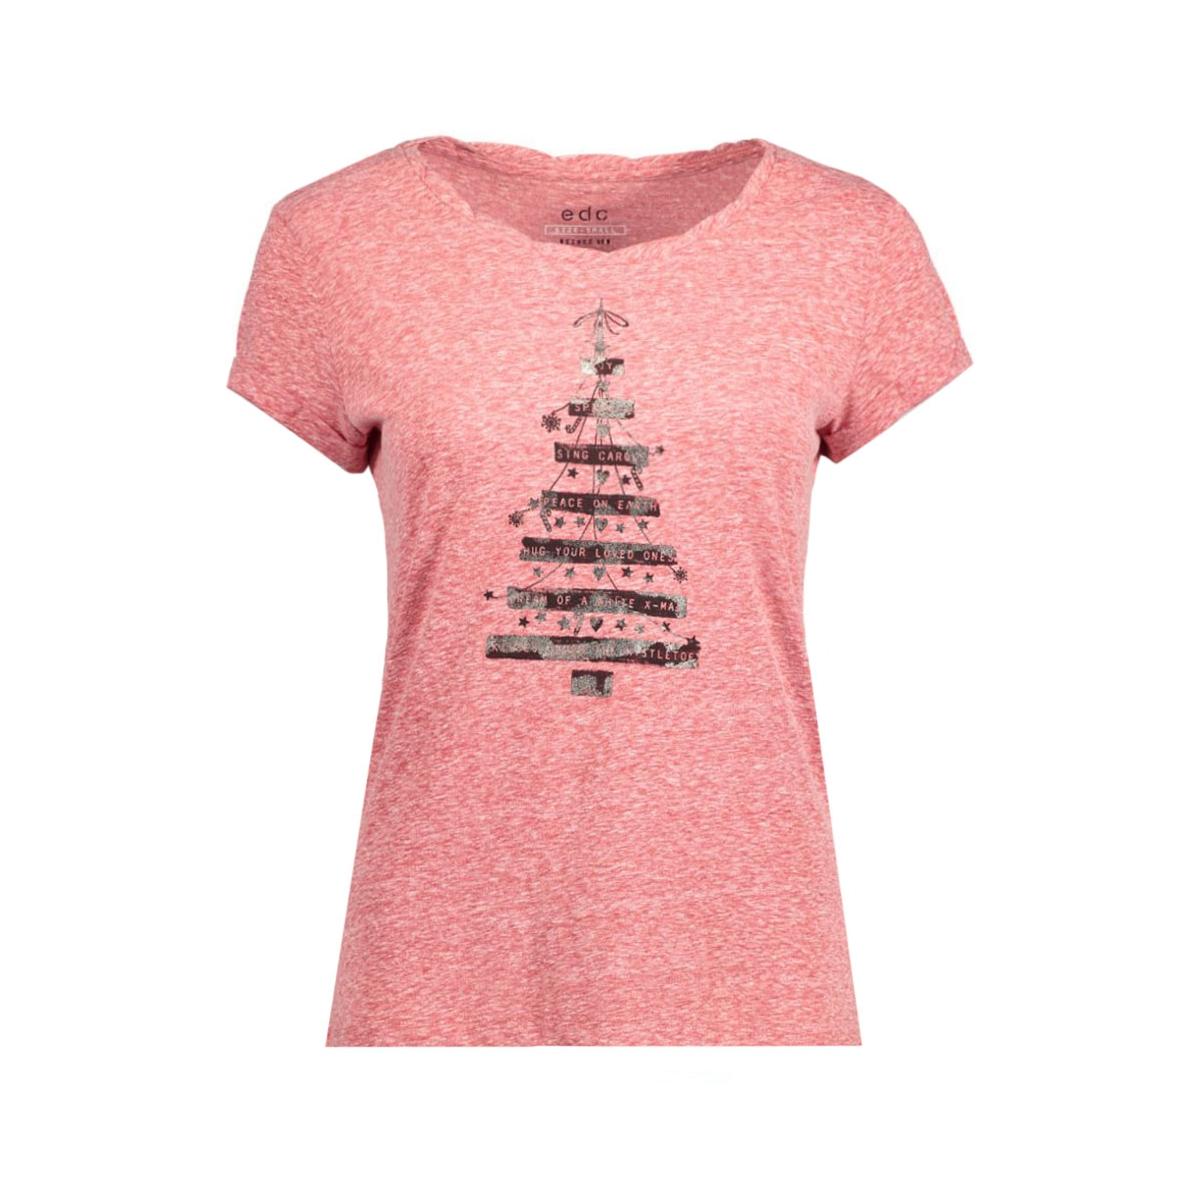 116cc1k038 edc t-shirt c614